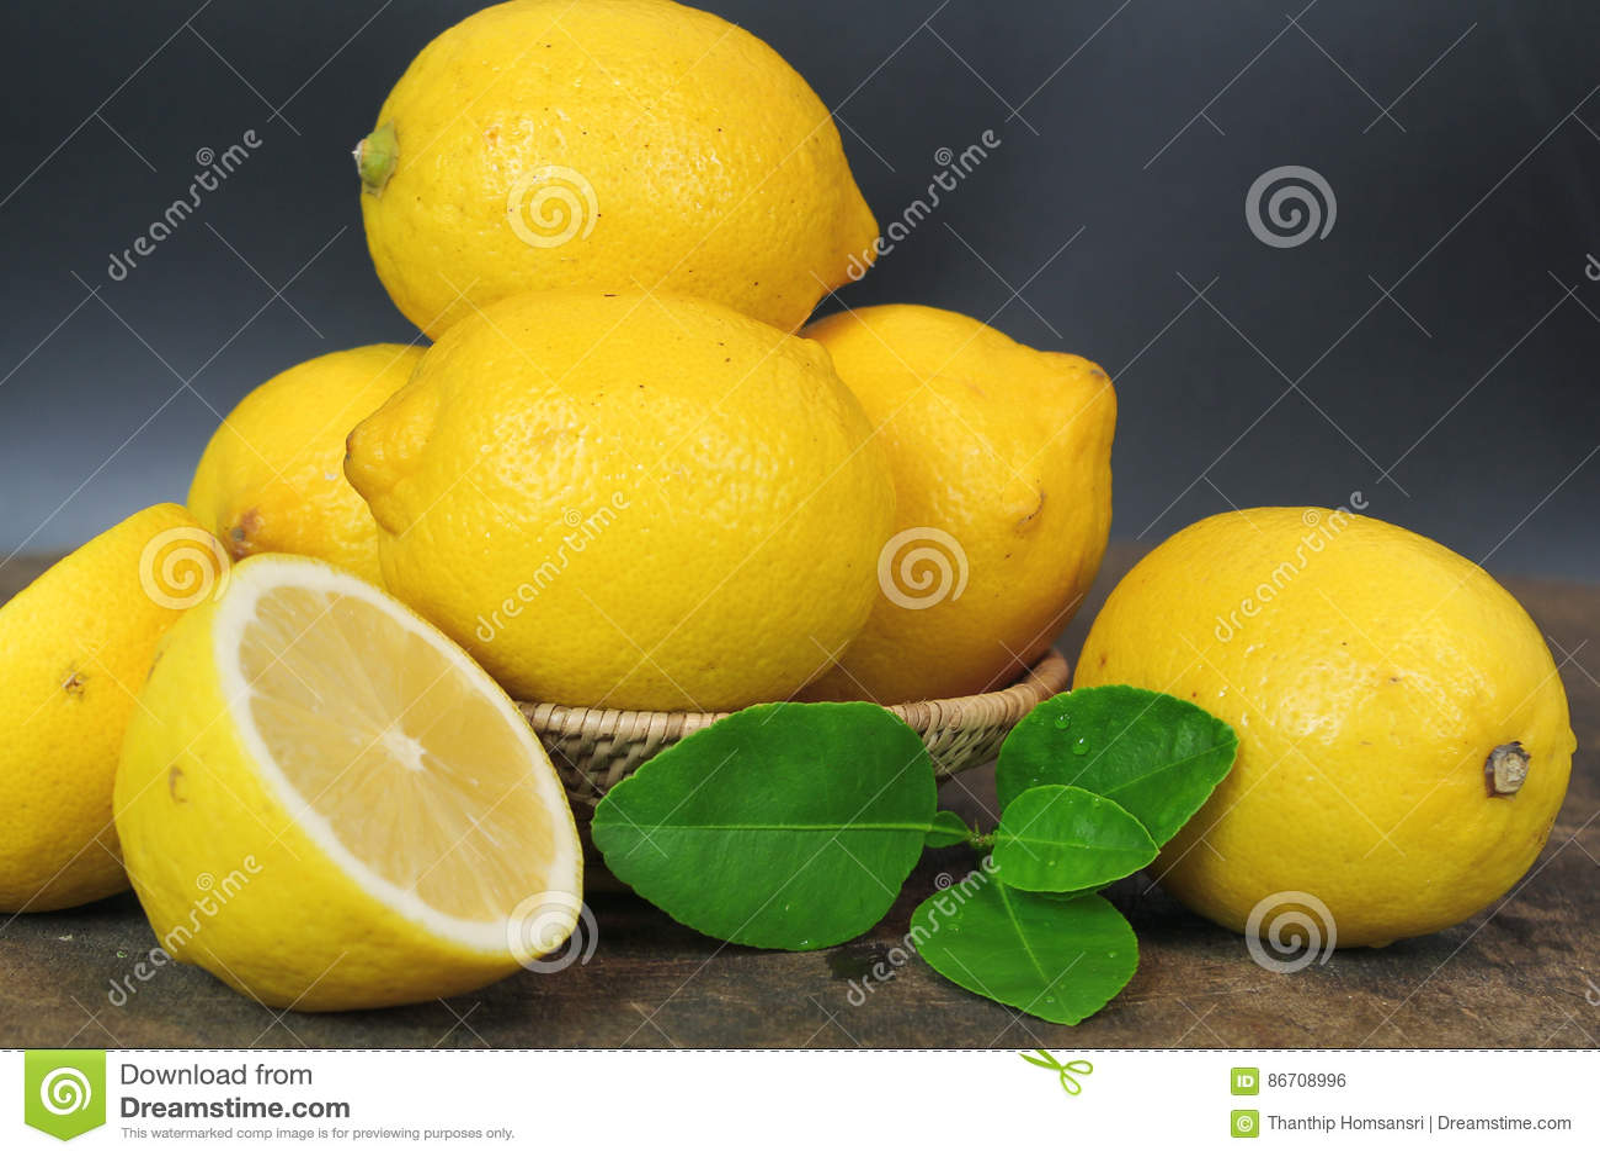 Świeża cytryna cała i plasterek